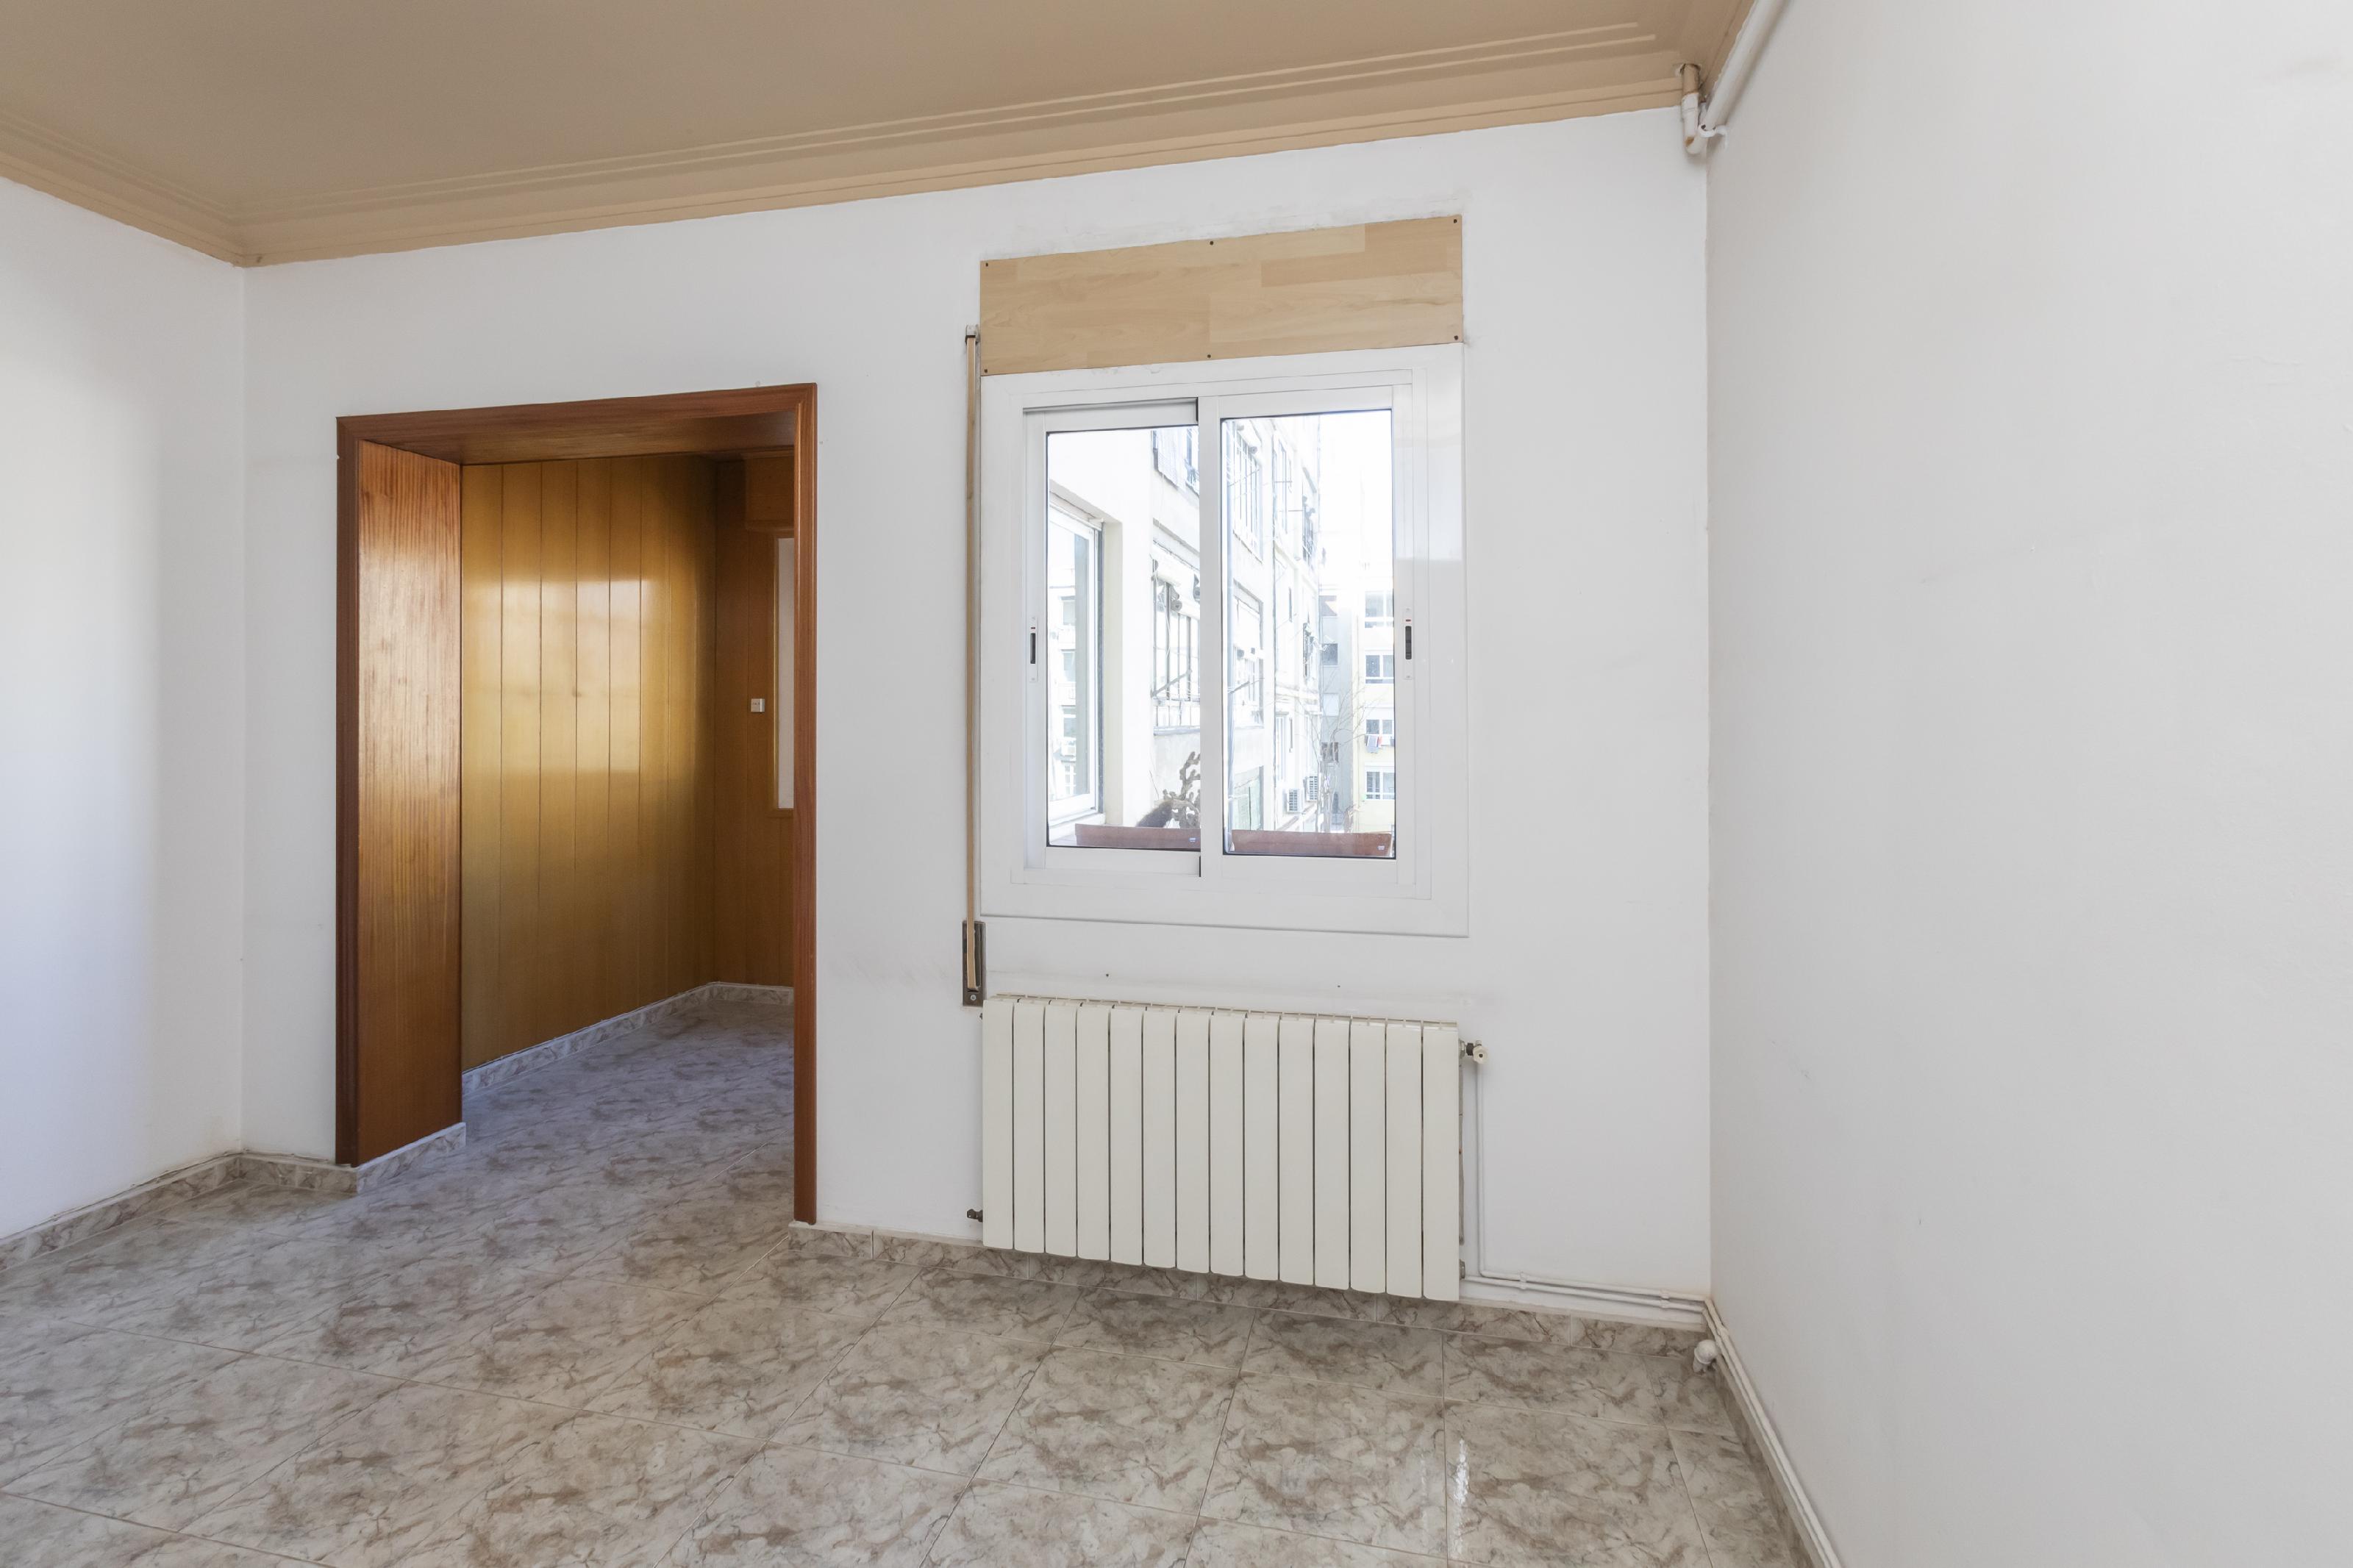 249361 Flat for sale in Eixample, Antiga Esquerre Eixample 14